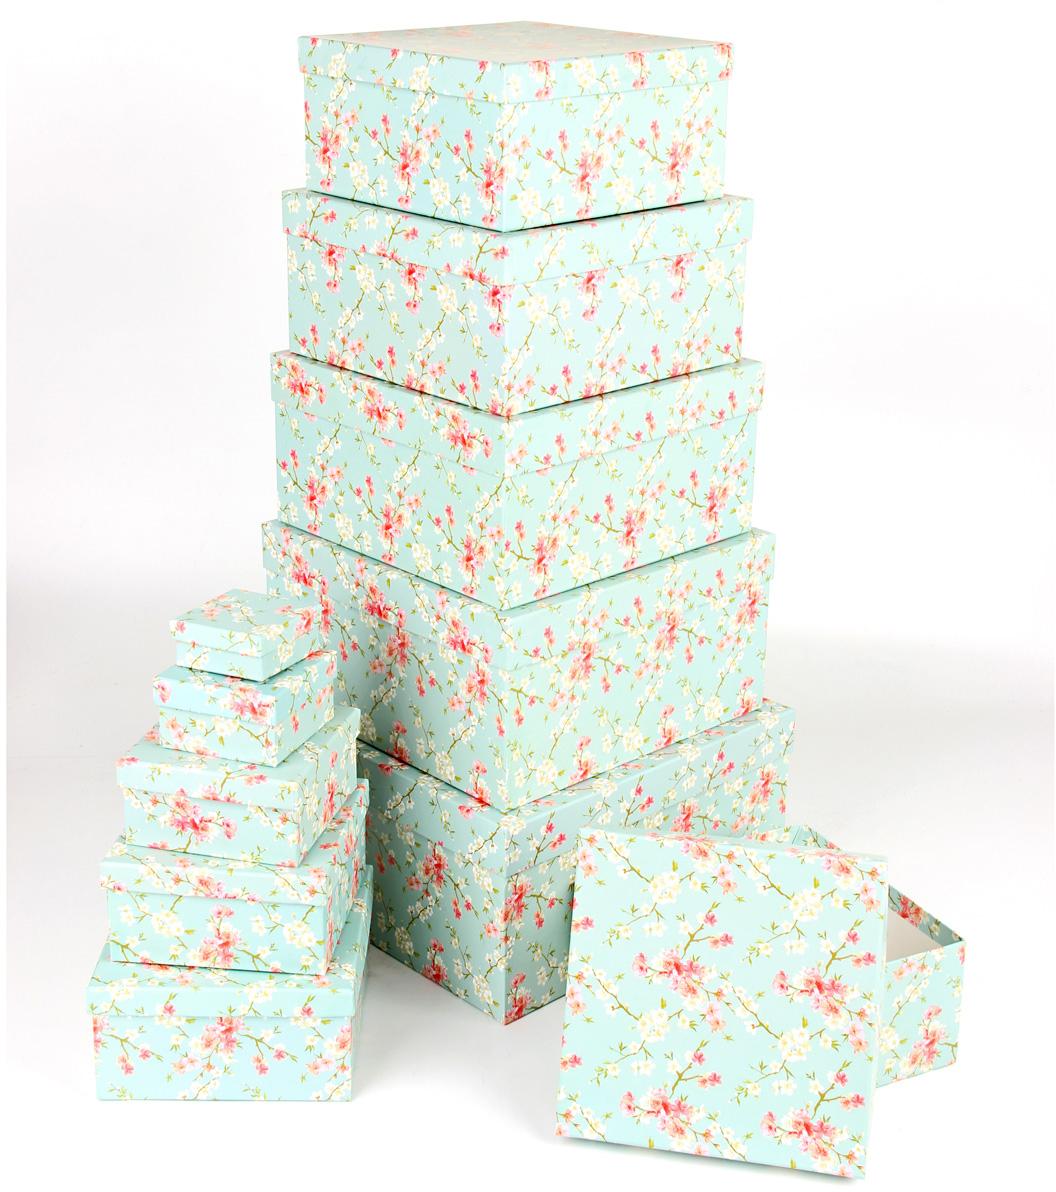 Набор подарочных коробок Veld-Co Цветение дикой сливы, 11 шт набор подарочных коробок veld co цветение дикой сливы круглые 5 шт 67674